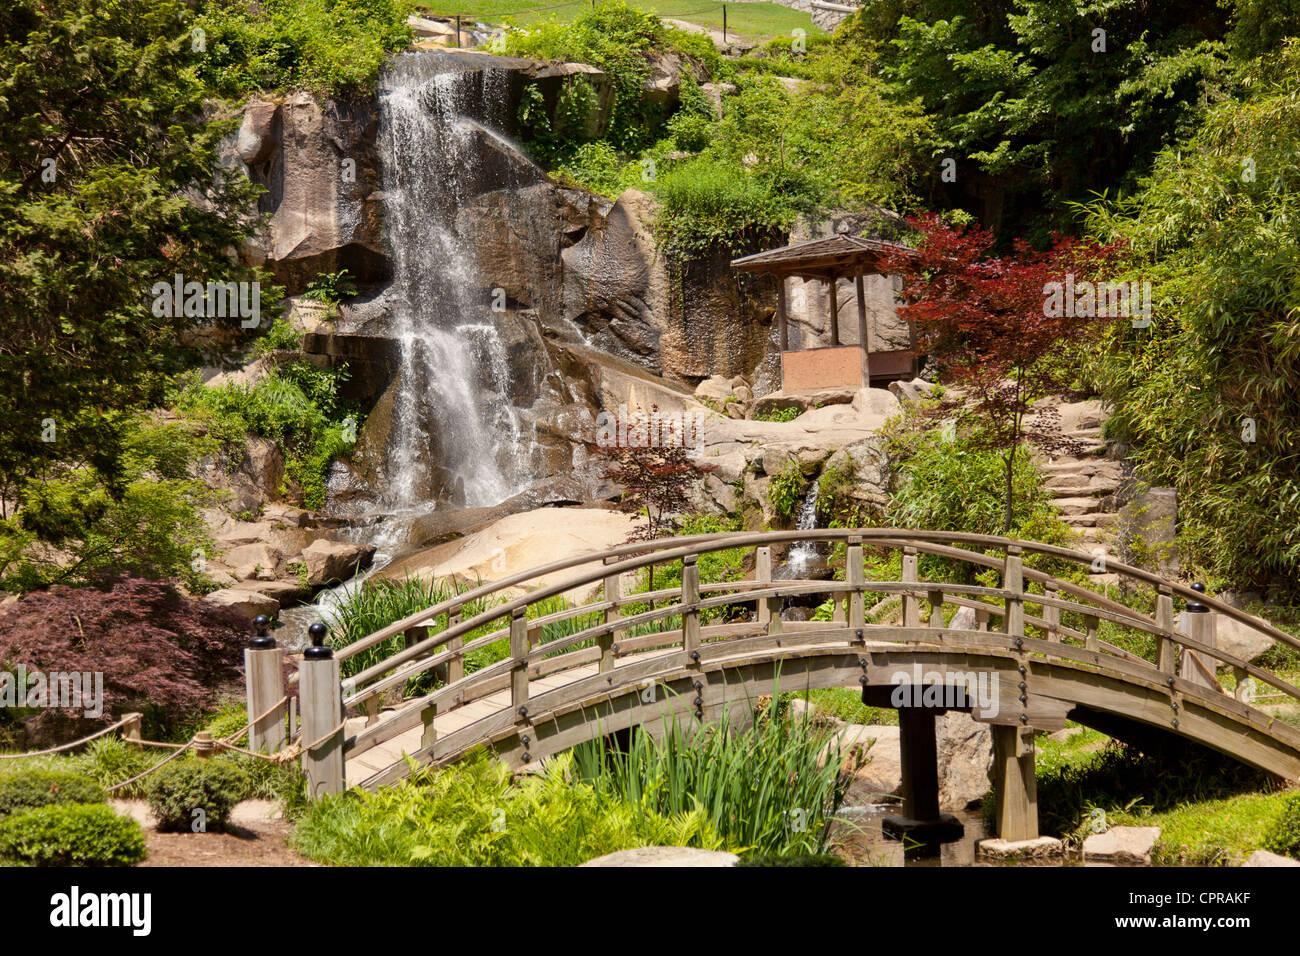 Garden Waterfall Bridge Stock Photos & Garden Waterfall Bridge Stock ...